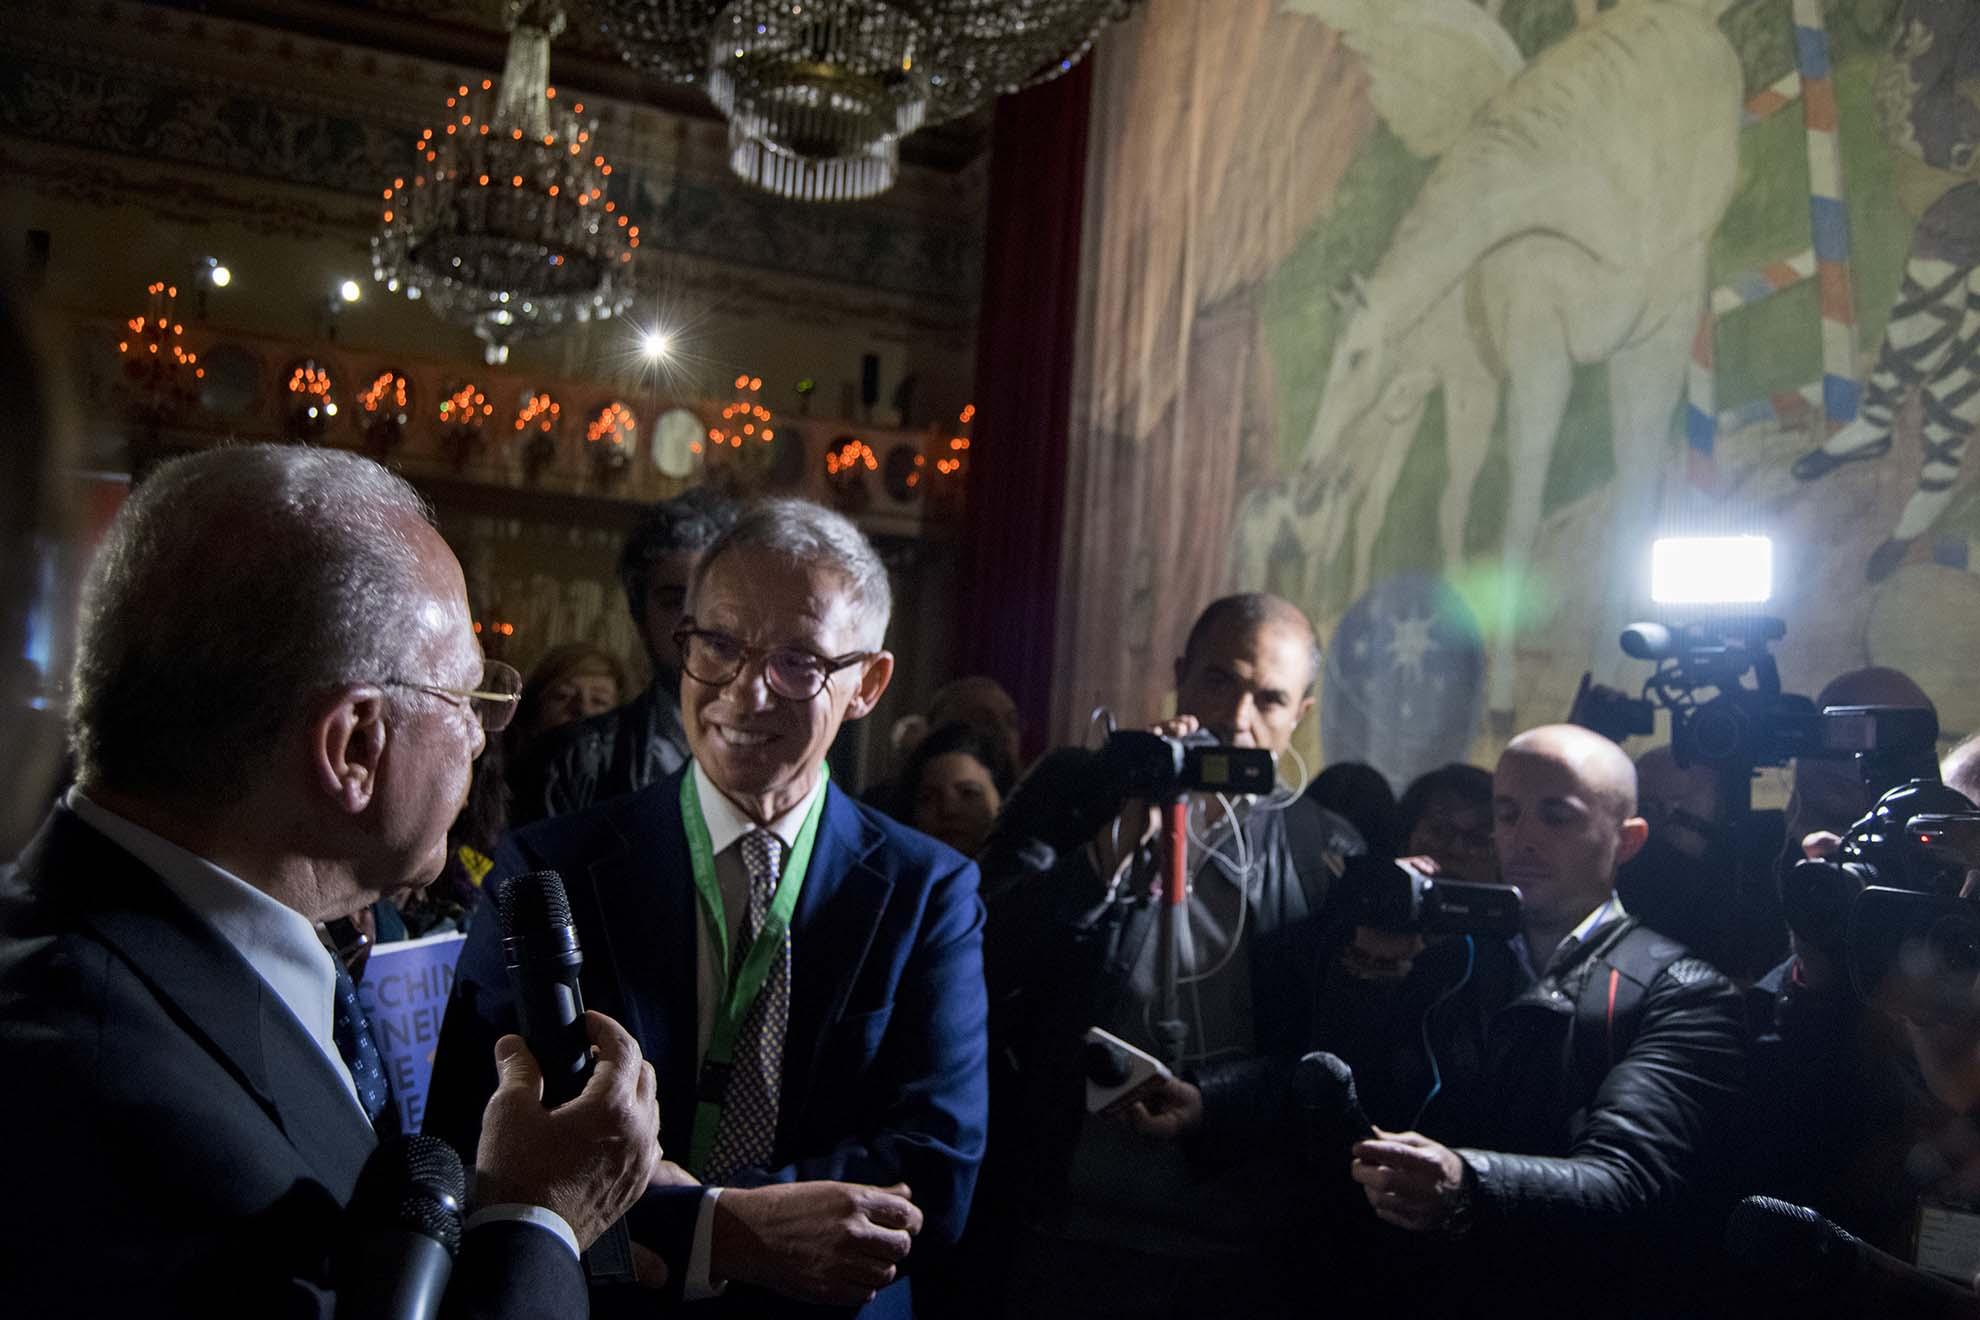 Inaugurazione mostra picasso. Foto di Alessio Cuccaro 05